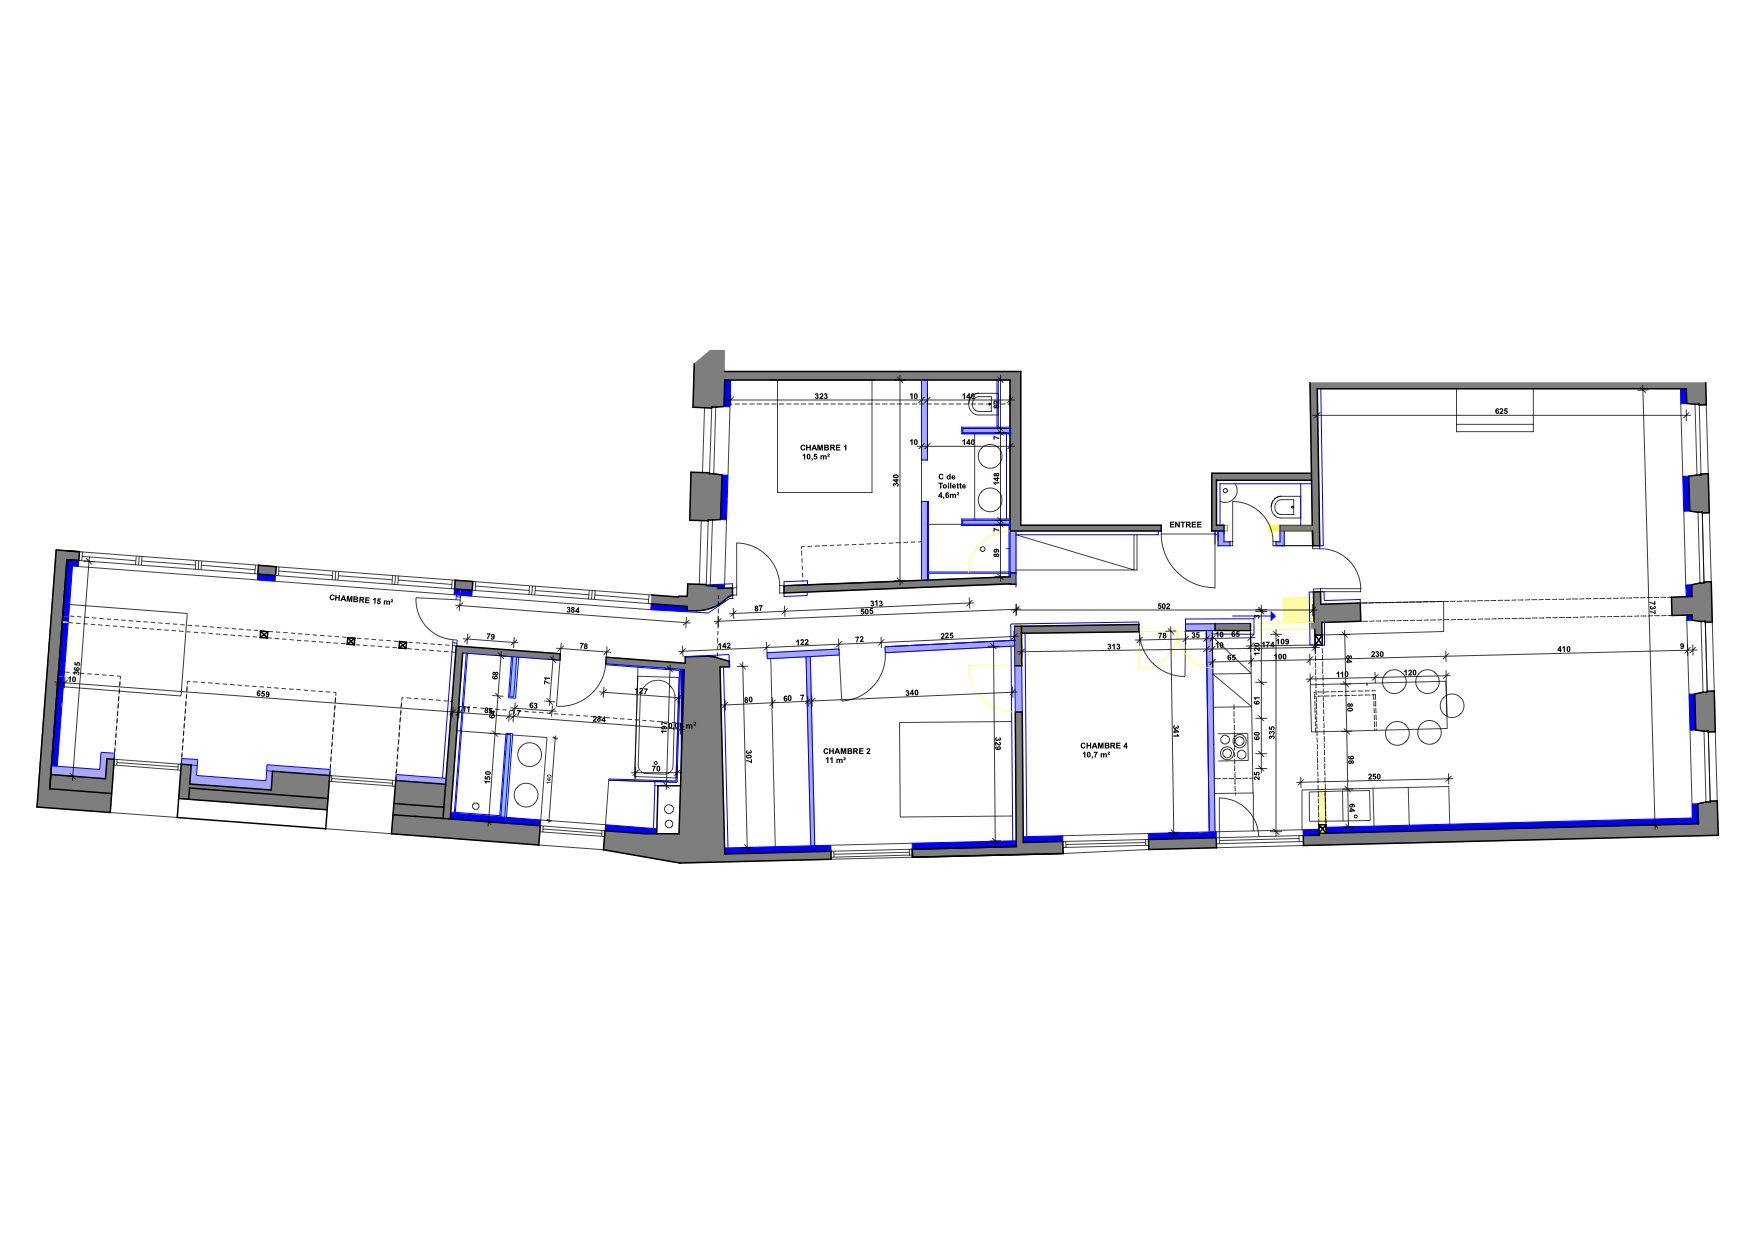 5 pièces d'exception face à la mairie - Devenez locataire en toute sérénité - Bintz Immobilier - 4